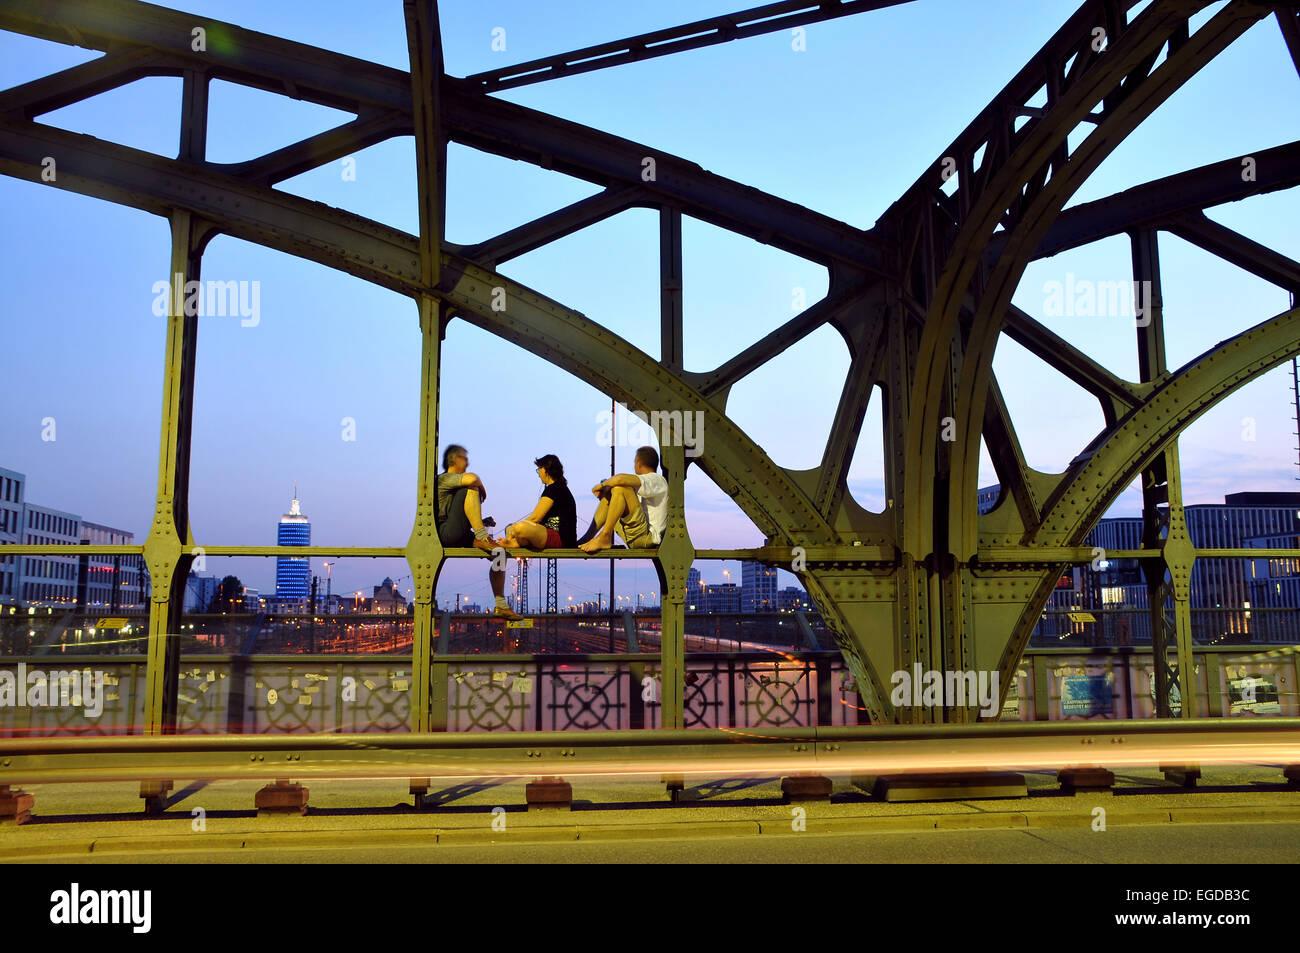 Des gens assis sur le pont d'intrus dans la soirée, Munich, Bavière, Allemagne Banque D'Images